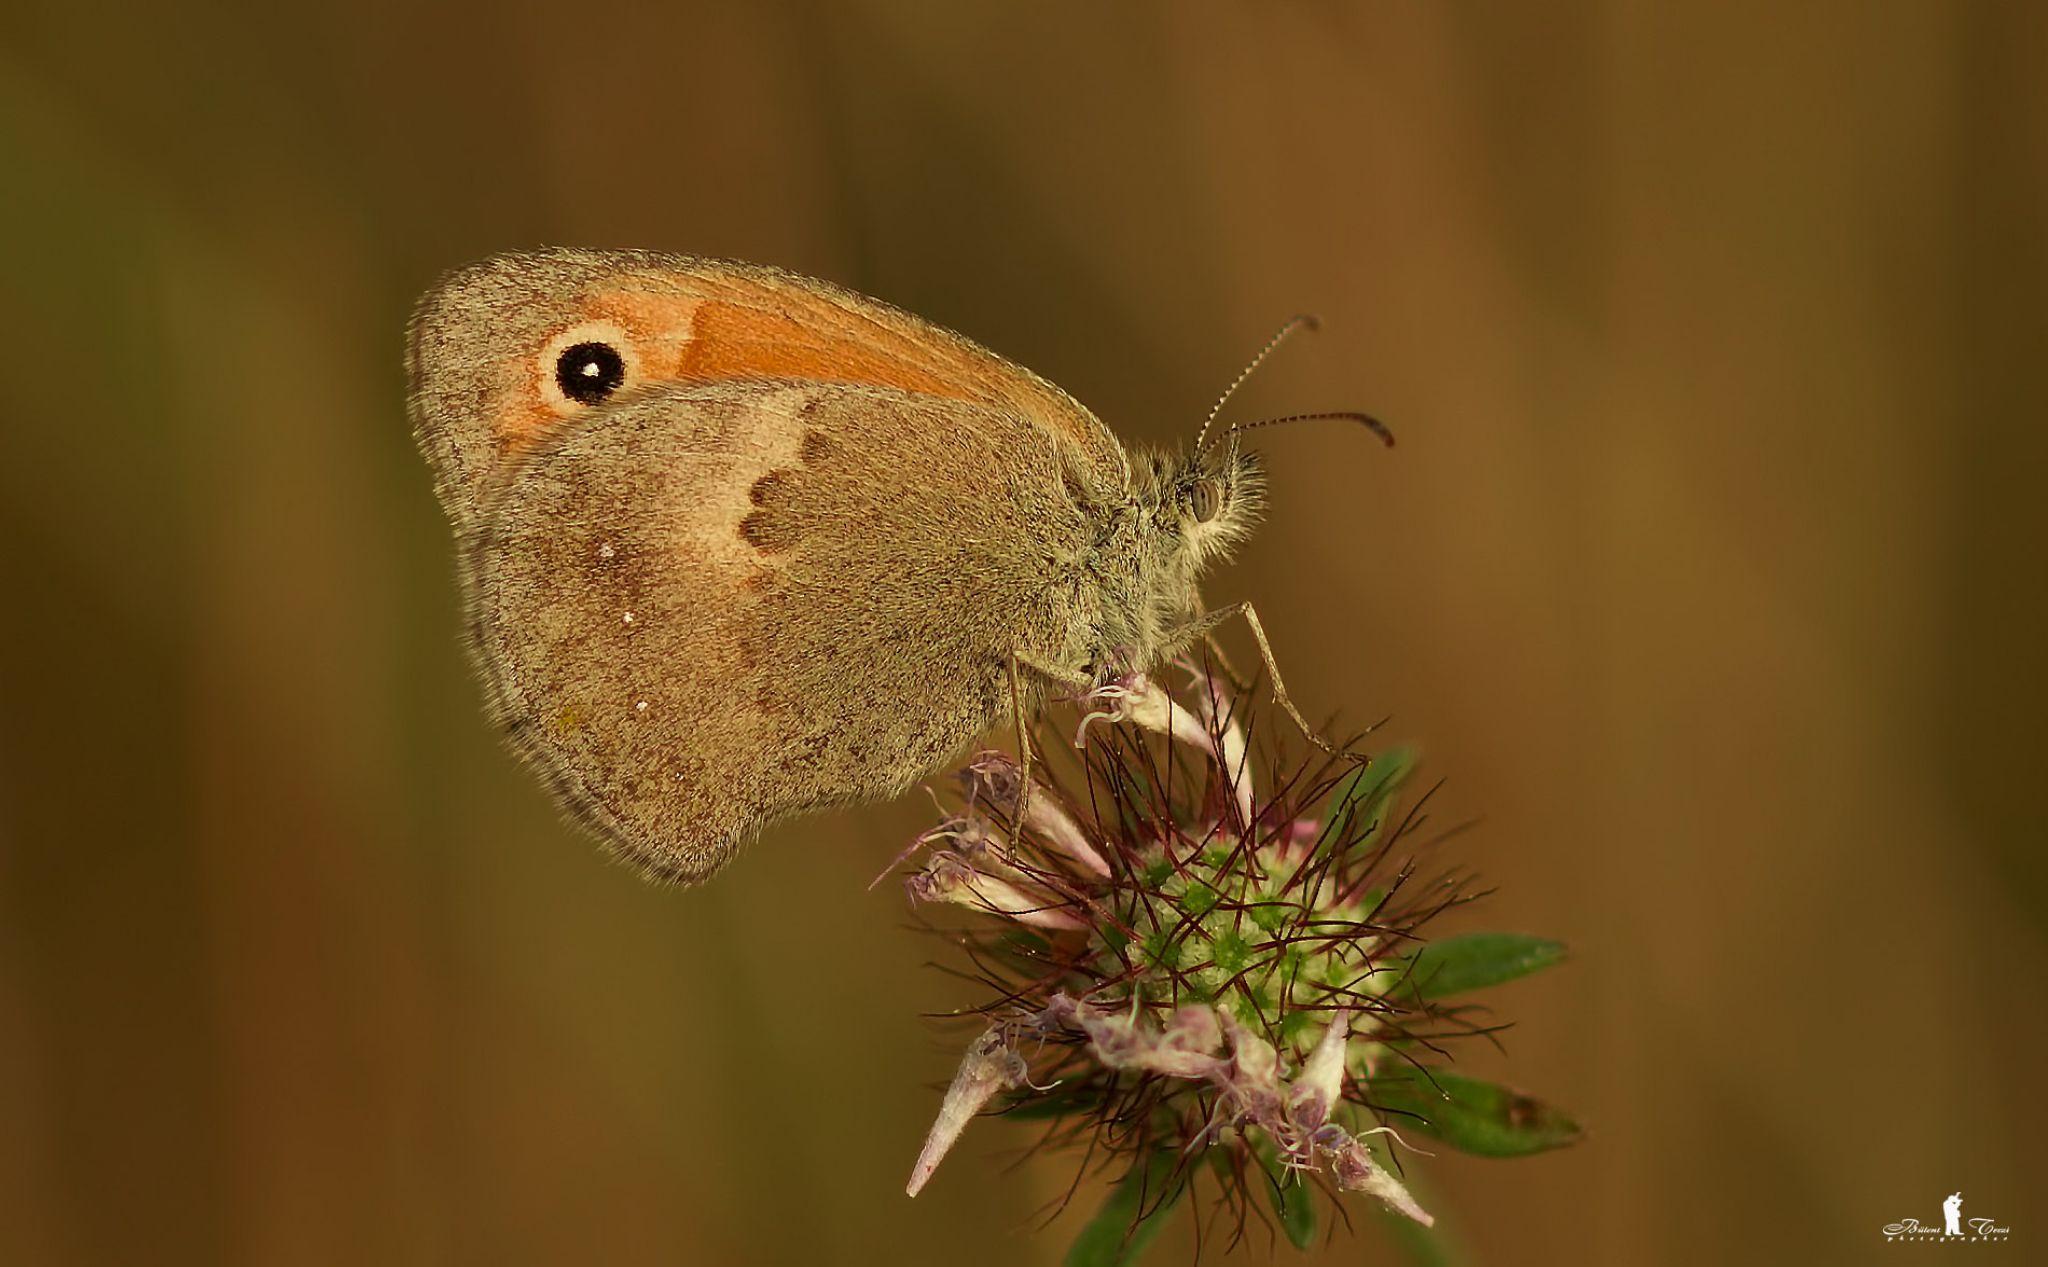 kelebek aşkı by bulentterzi5